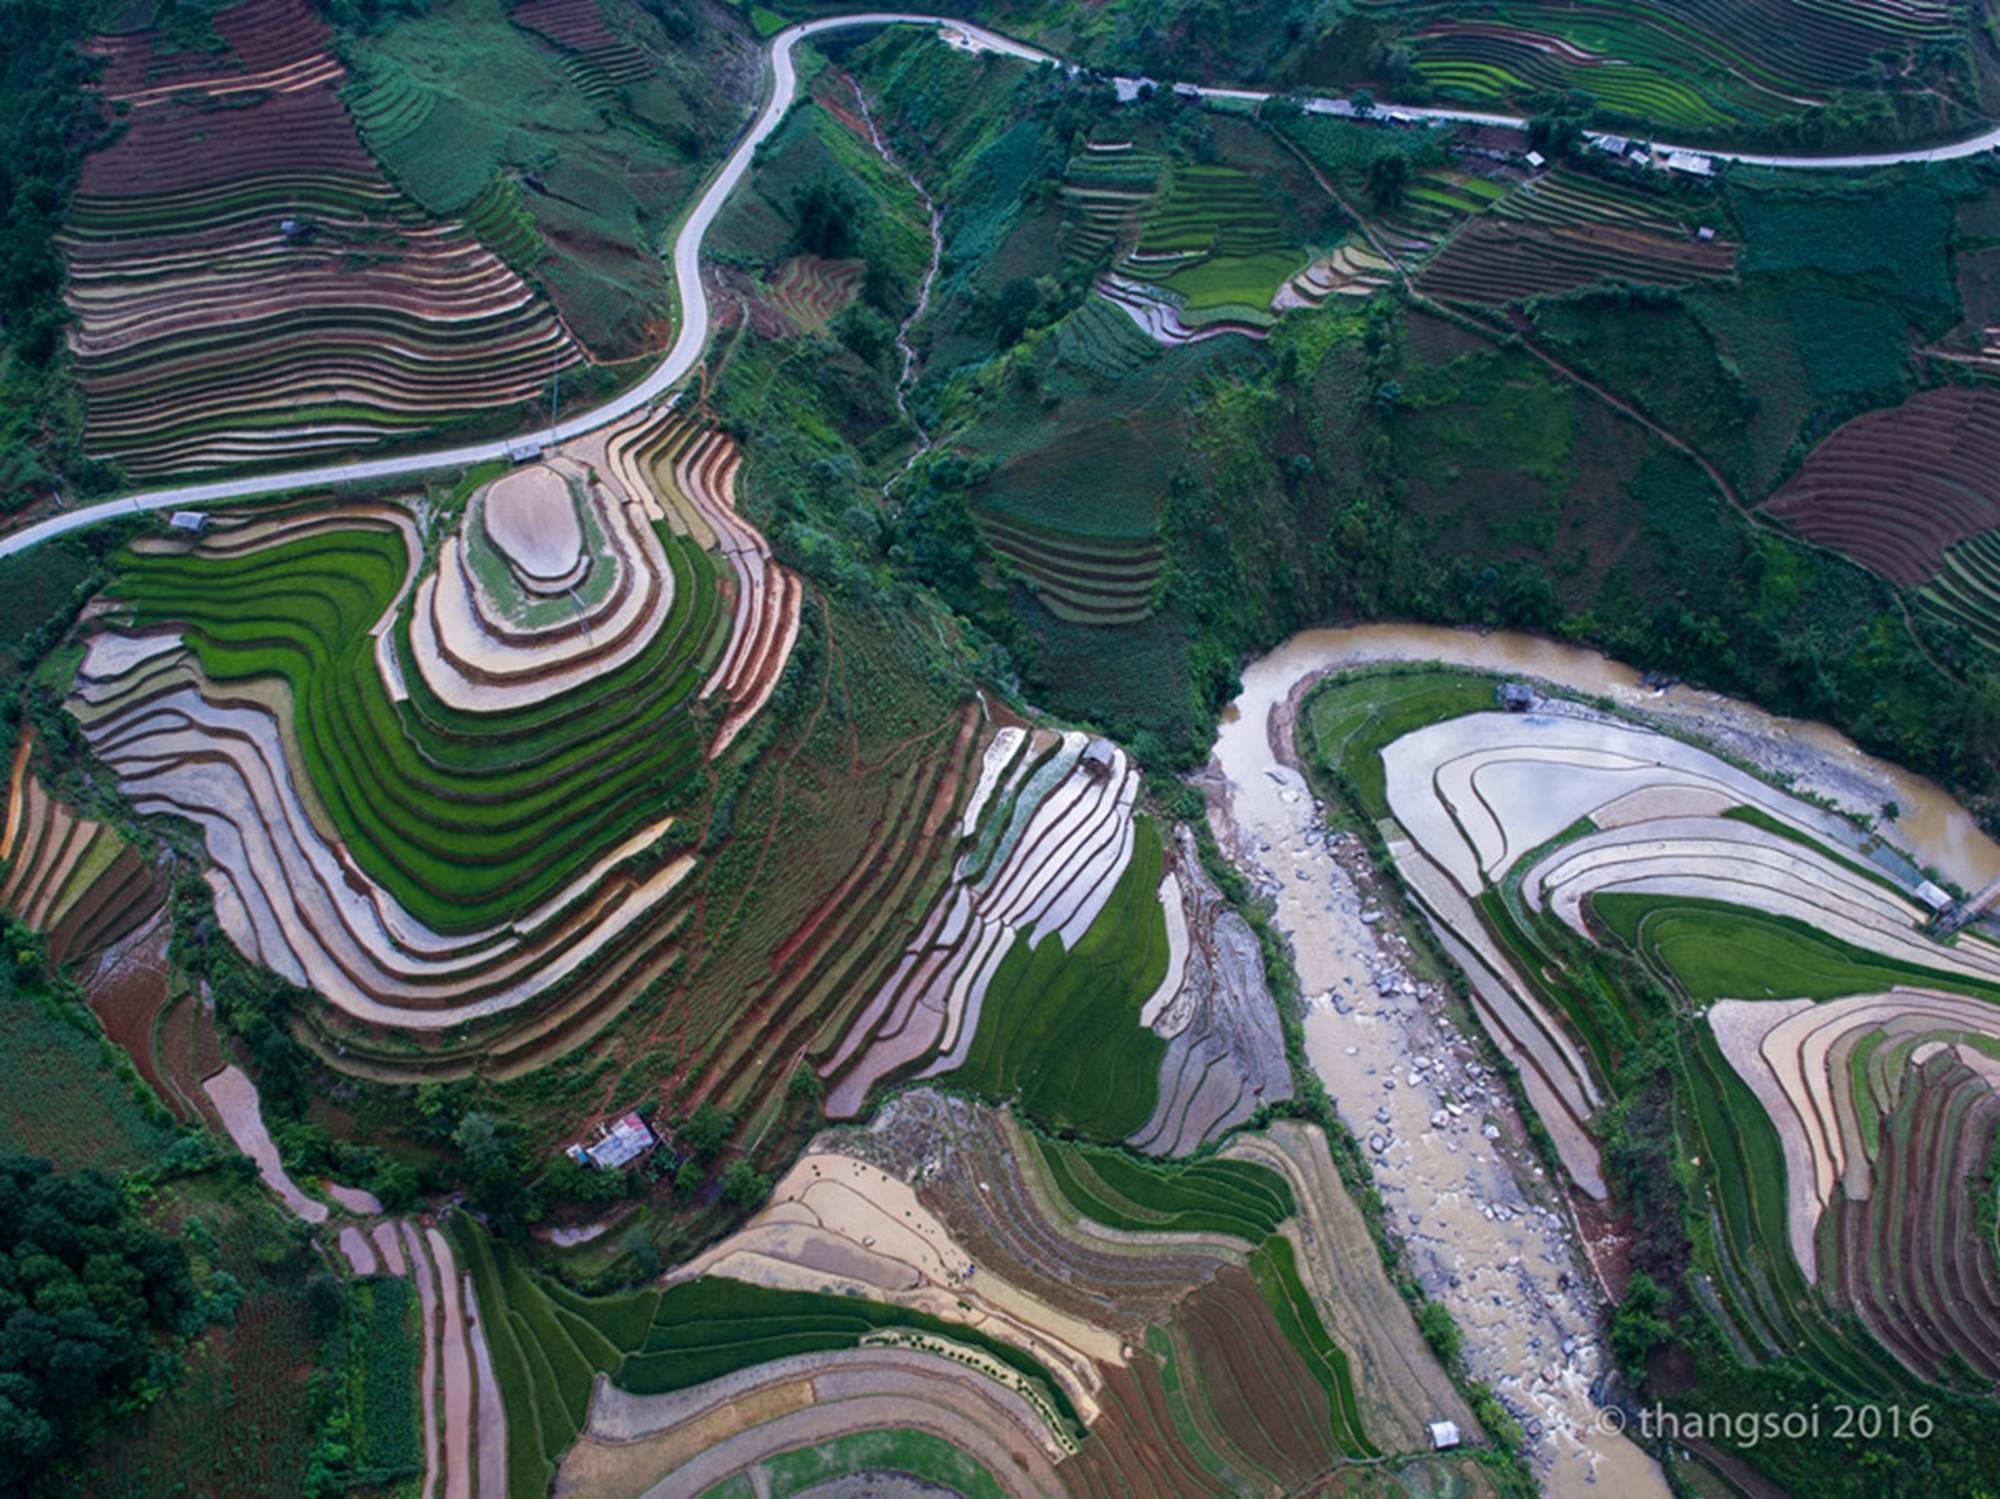 Dấu ấn Việt Nam nhìn từ bầu trời của giám khảo Thắng 'Sói'-4